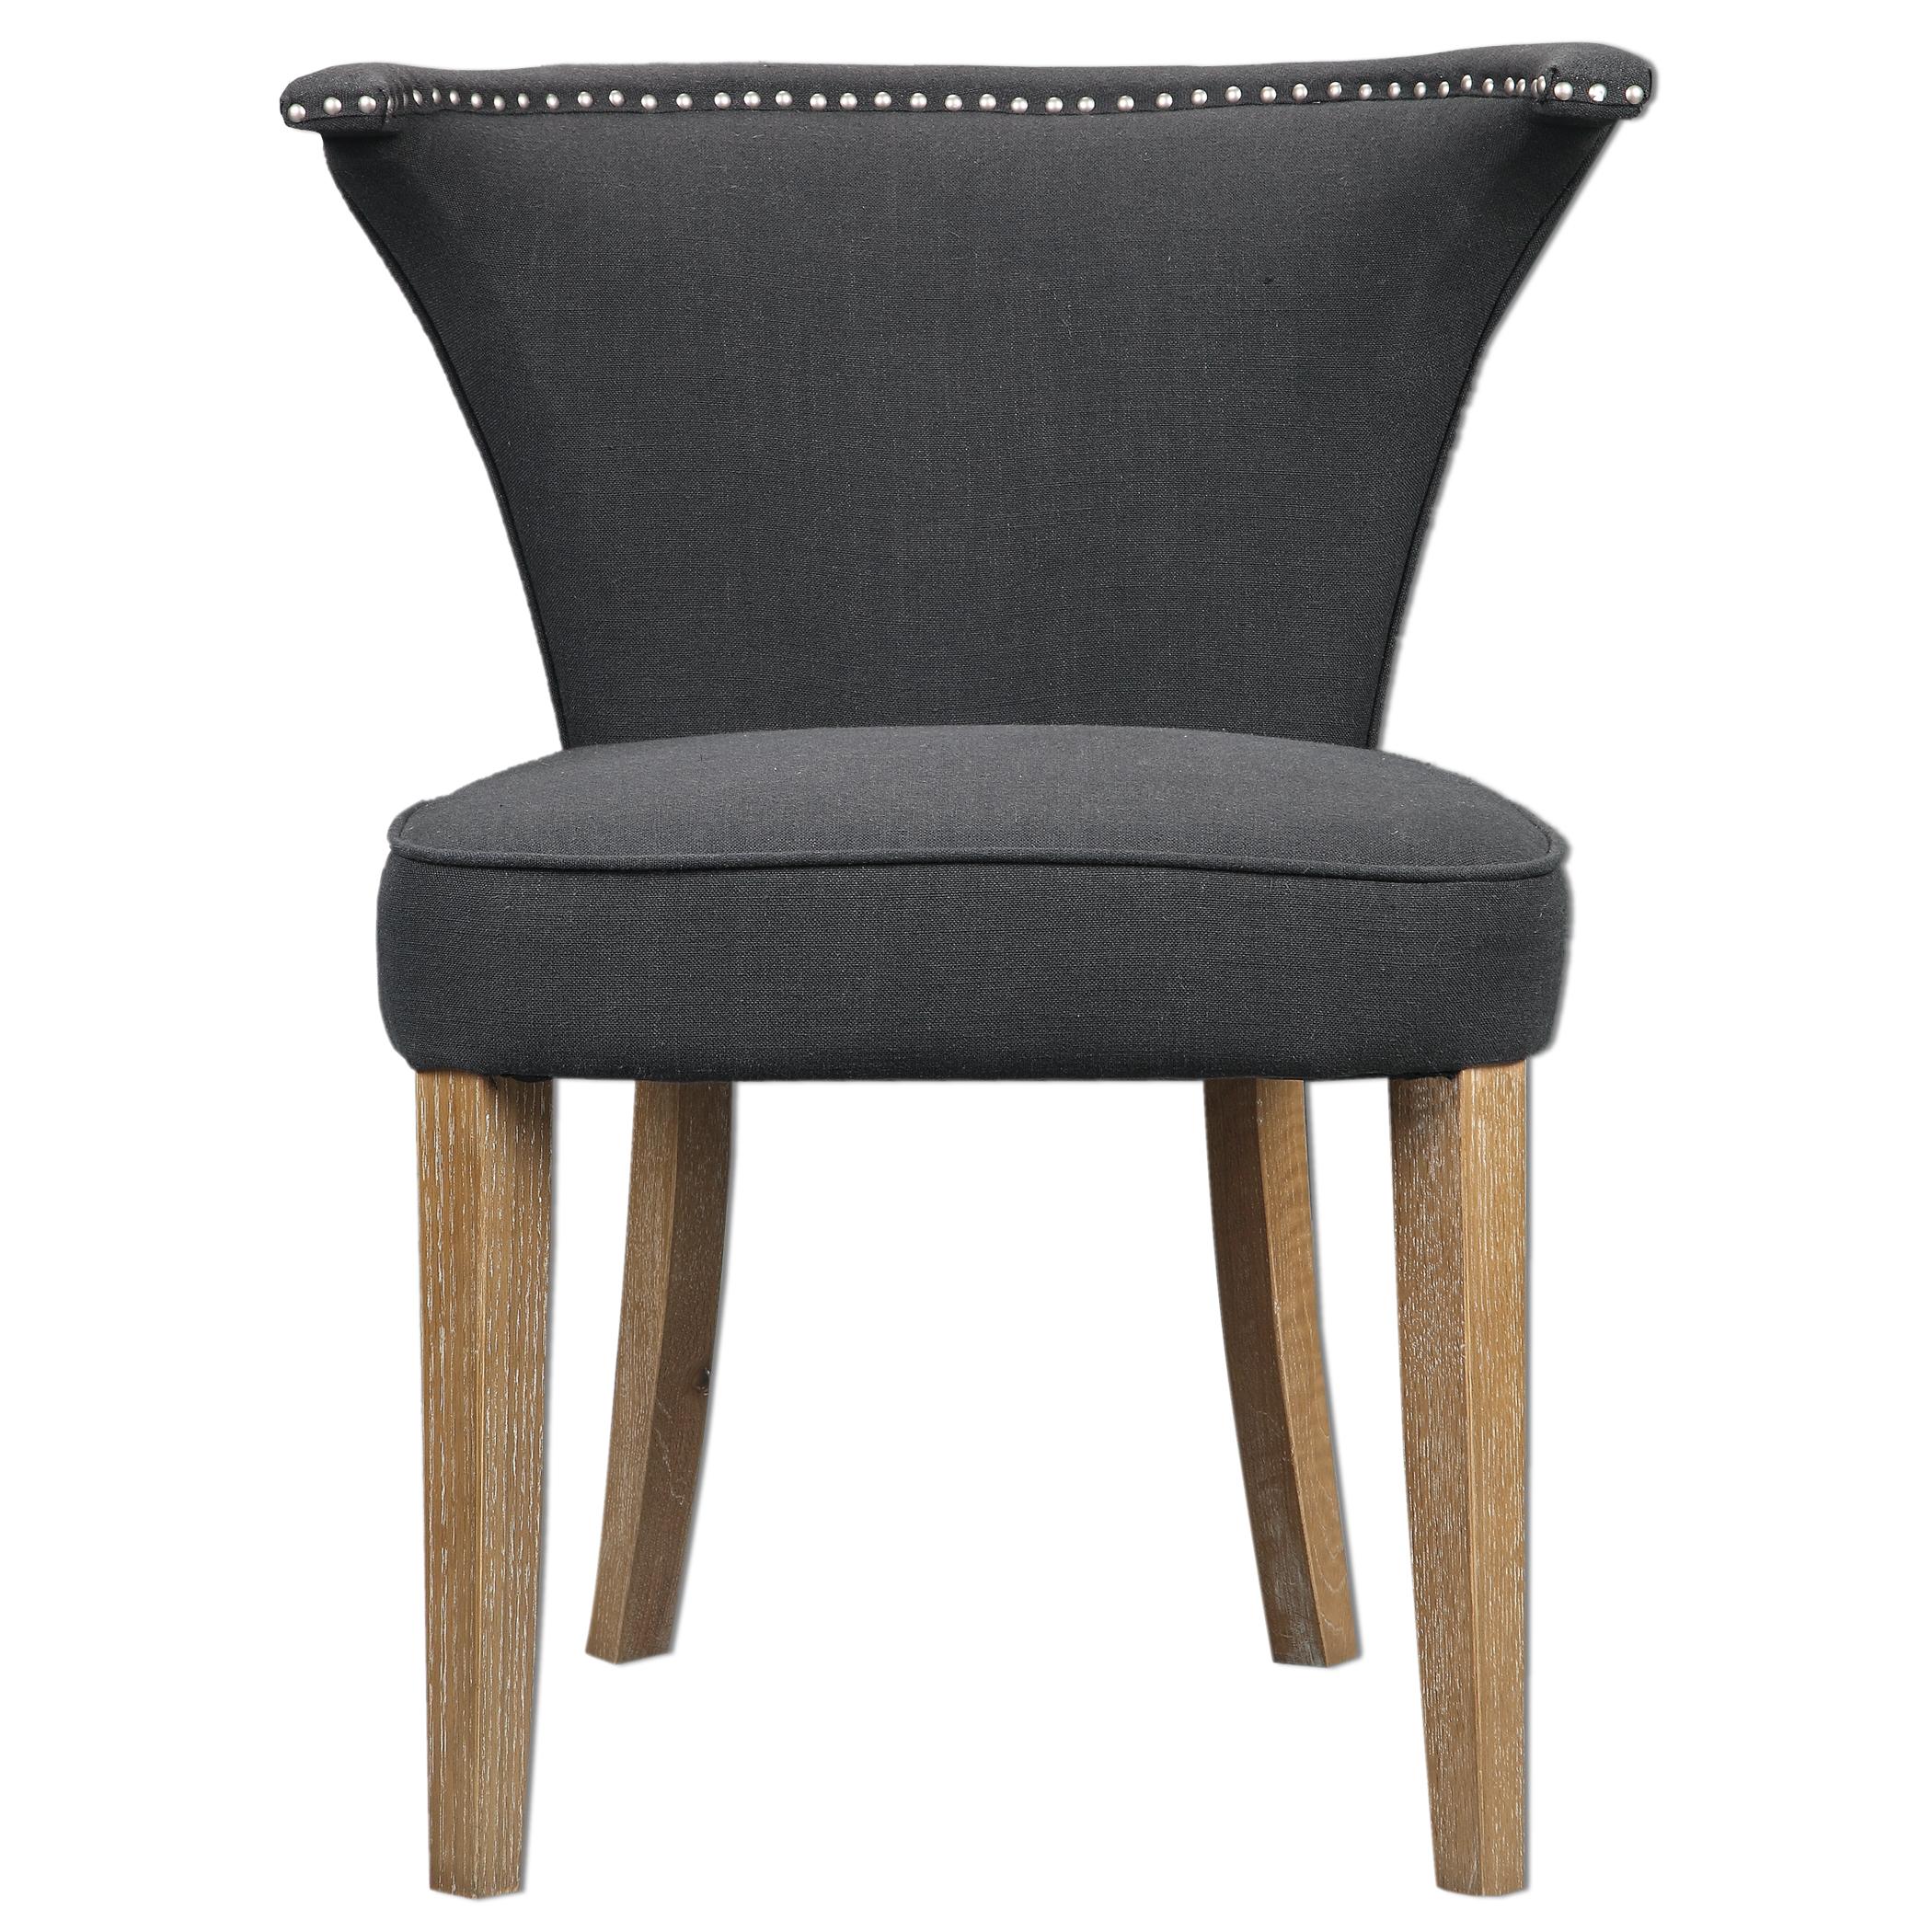 Uttermost Accent Furniture Dasen Dark Gray Accent Chair - Item Number: 23254